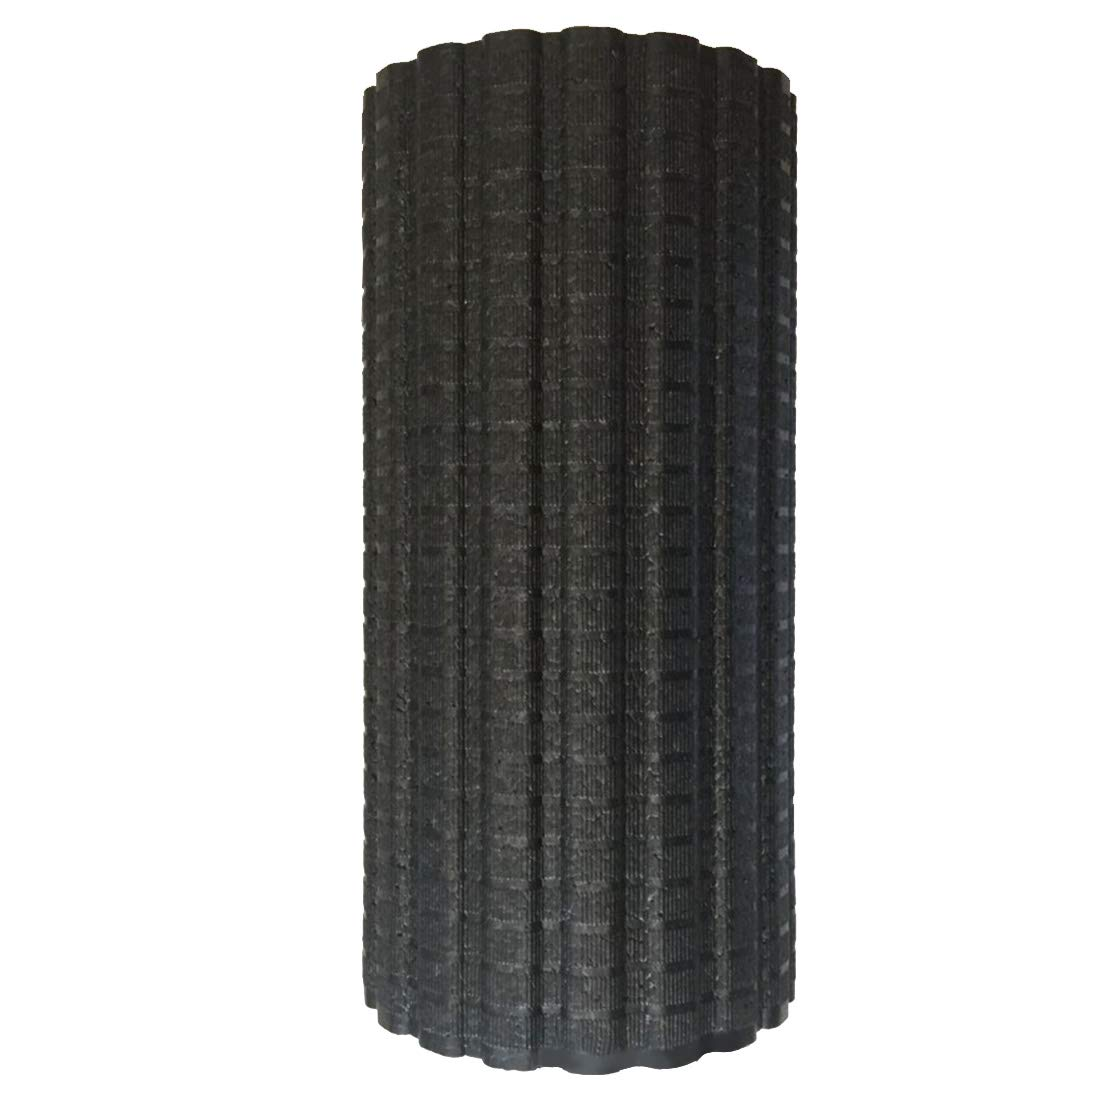 UICICI Vibrierende elektrische Yoga-Säule, Verstellbarer Vollschaum-Schaft, Tiefe Massage-Yoga-Säule, schwarz